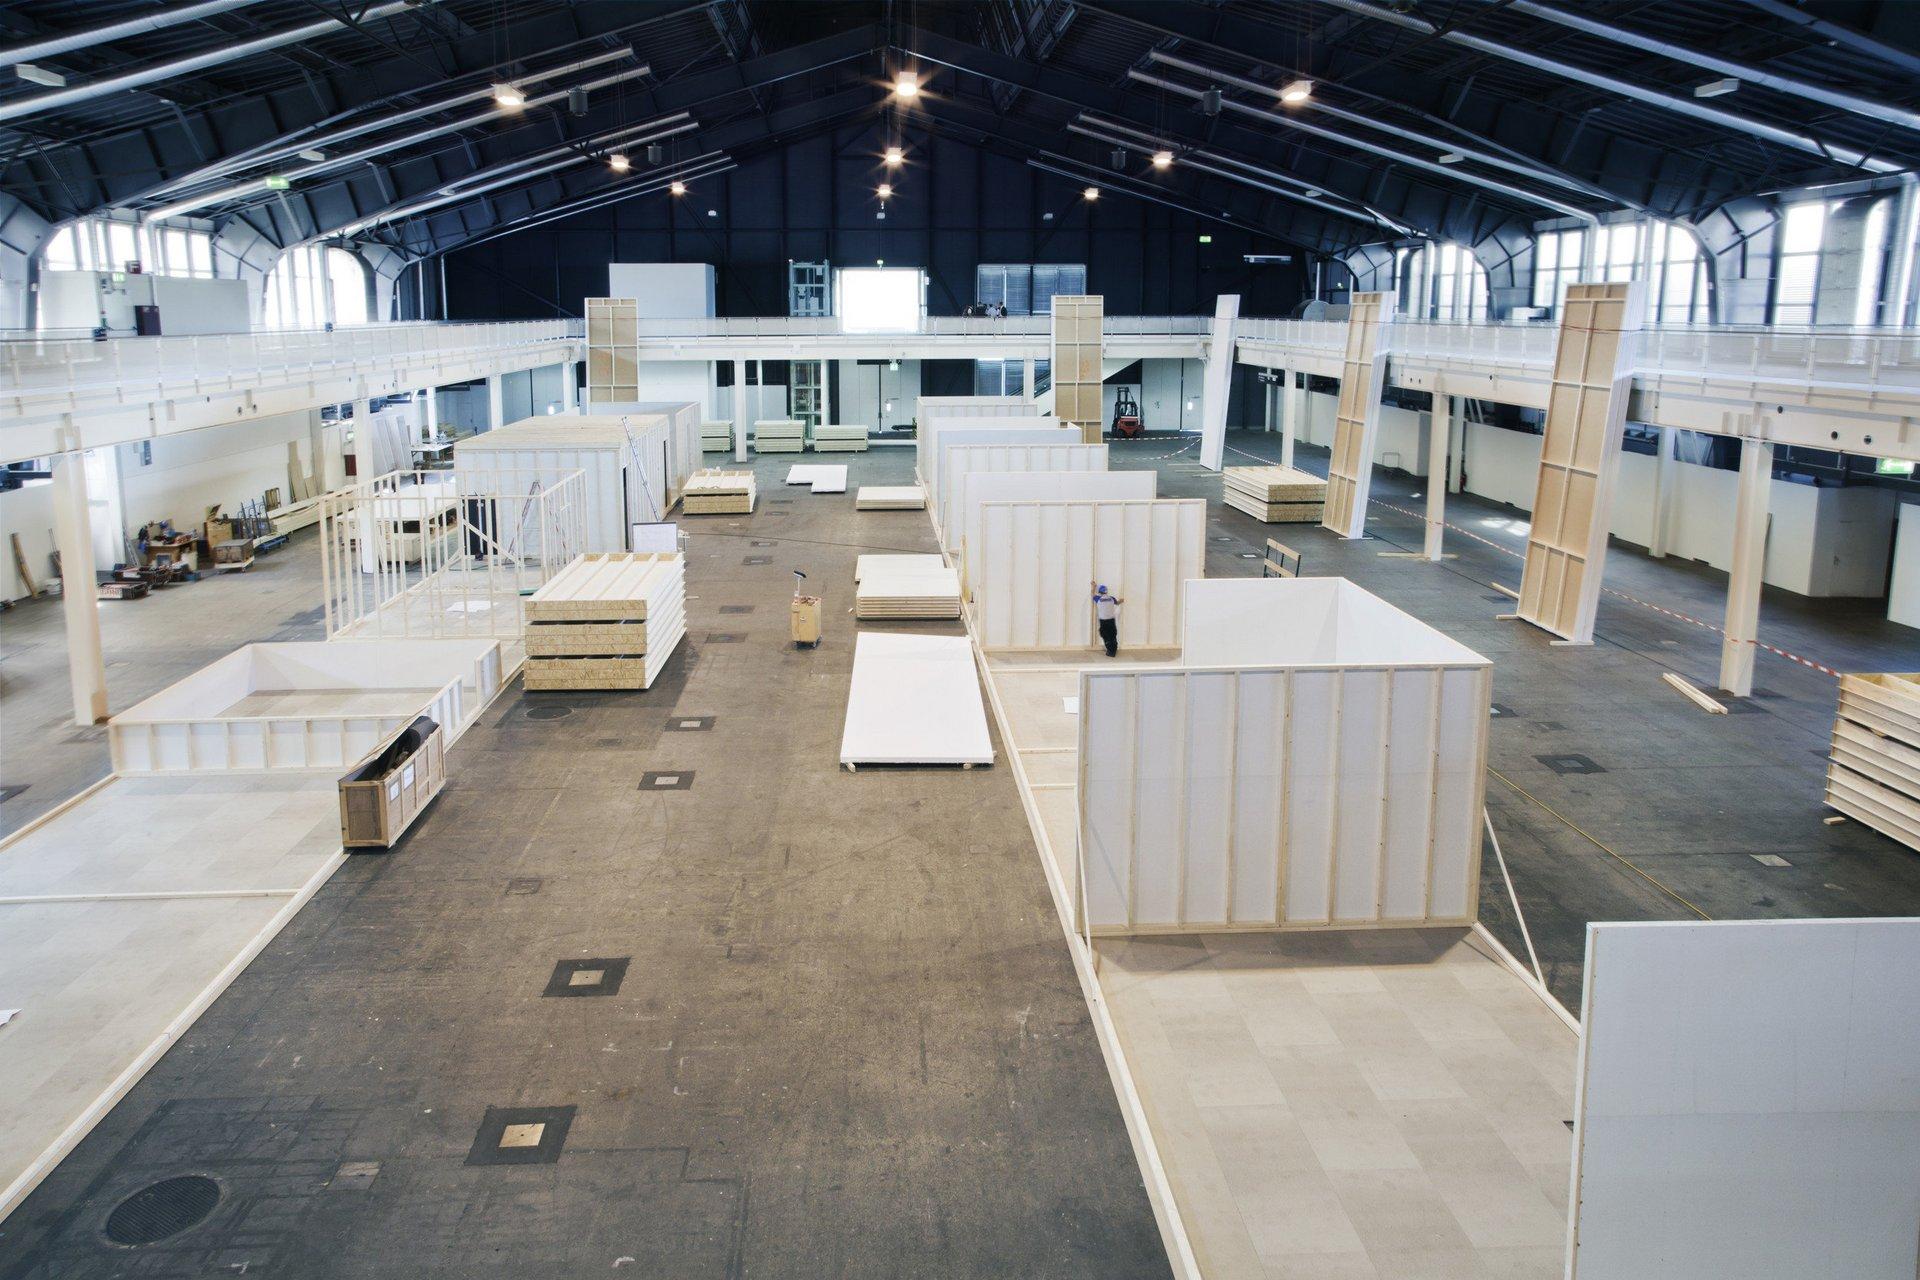 Bau verschiedener Holz-Räume in grosser Halle